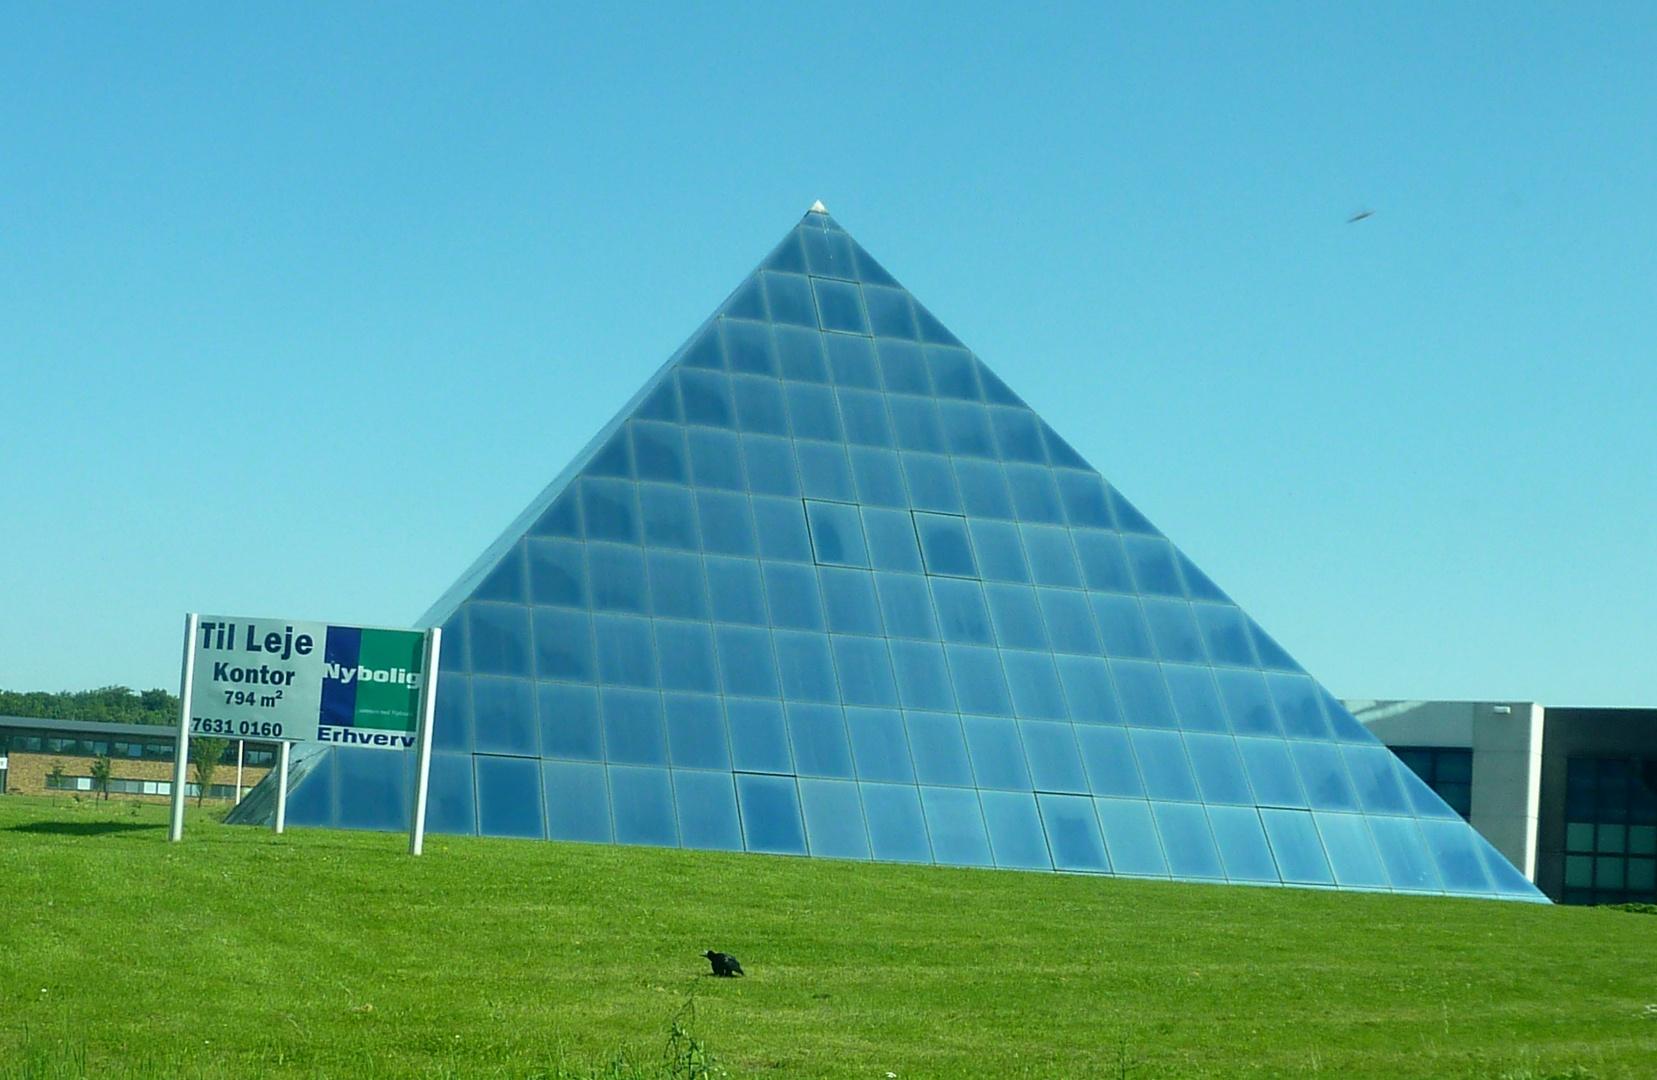 Die Pyramide von Kolding